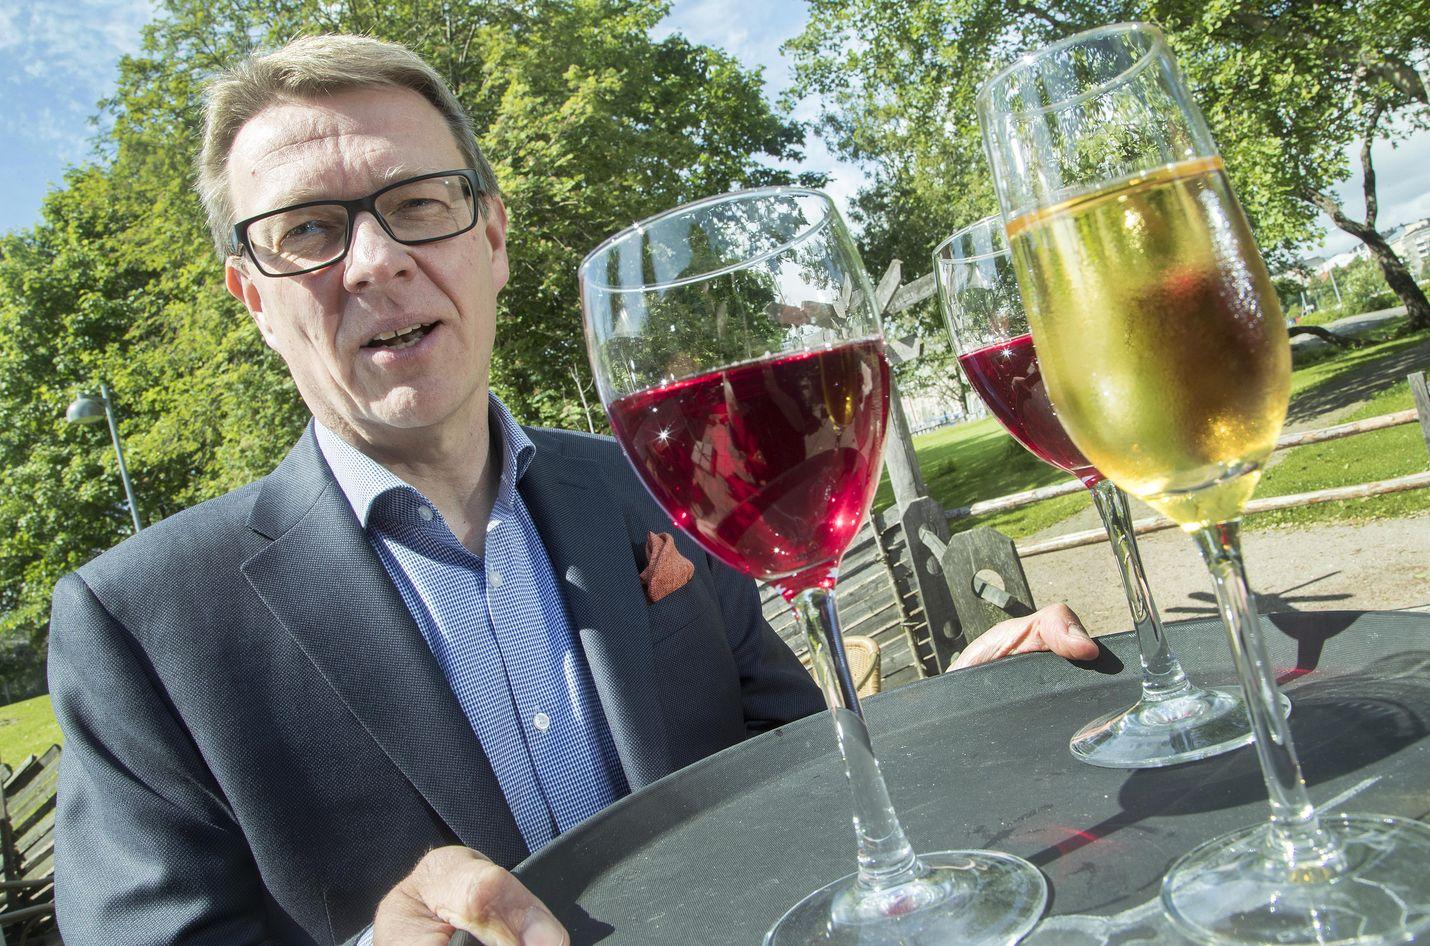 Timo Lapin mielestä ravintoloita koskevat rajoitukset tulisi purkaa kesäkuun aikana. Kuva on ajalta ennen koronarajoituksia.